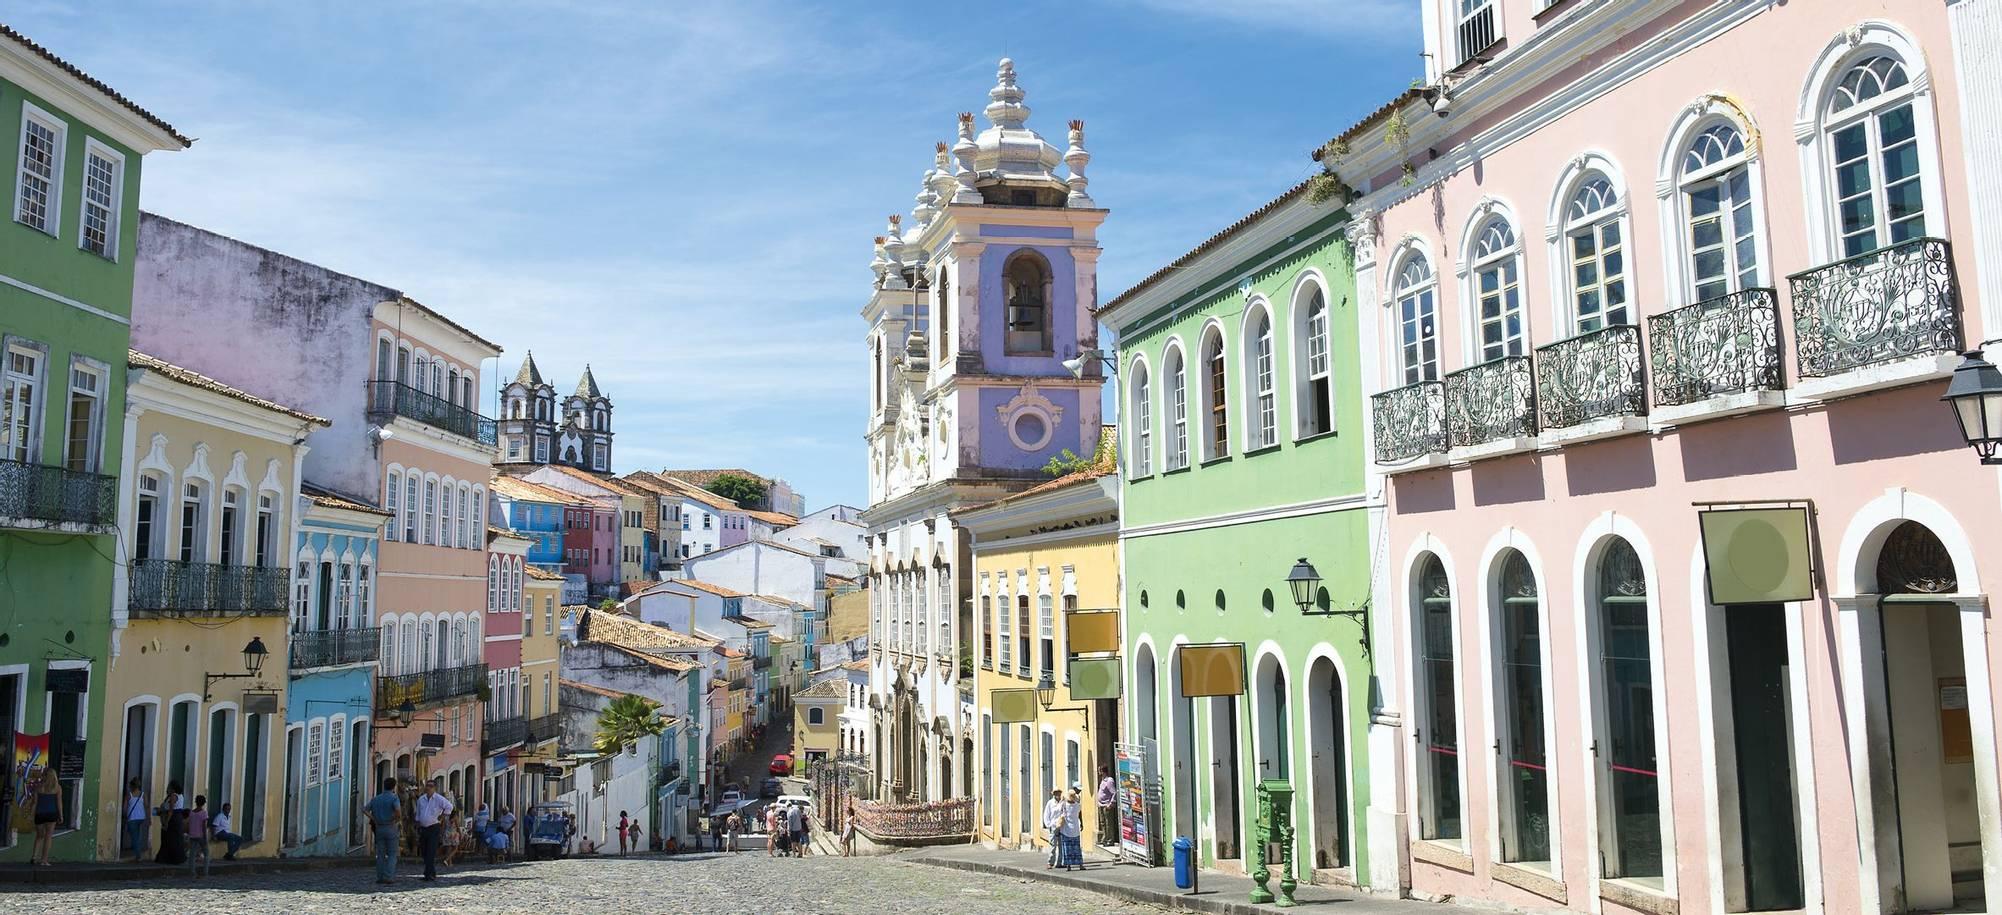 Quest_Lisbon_Rio_itinerary9.jpg